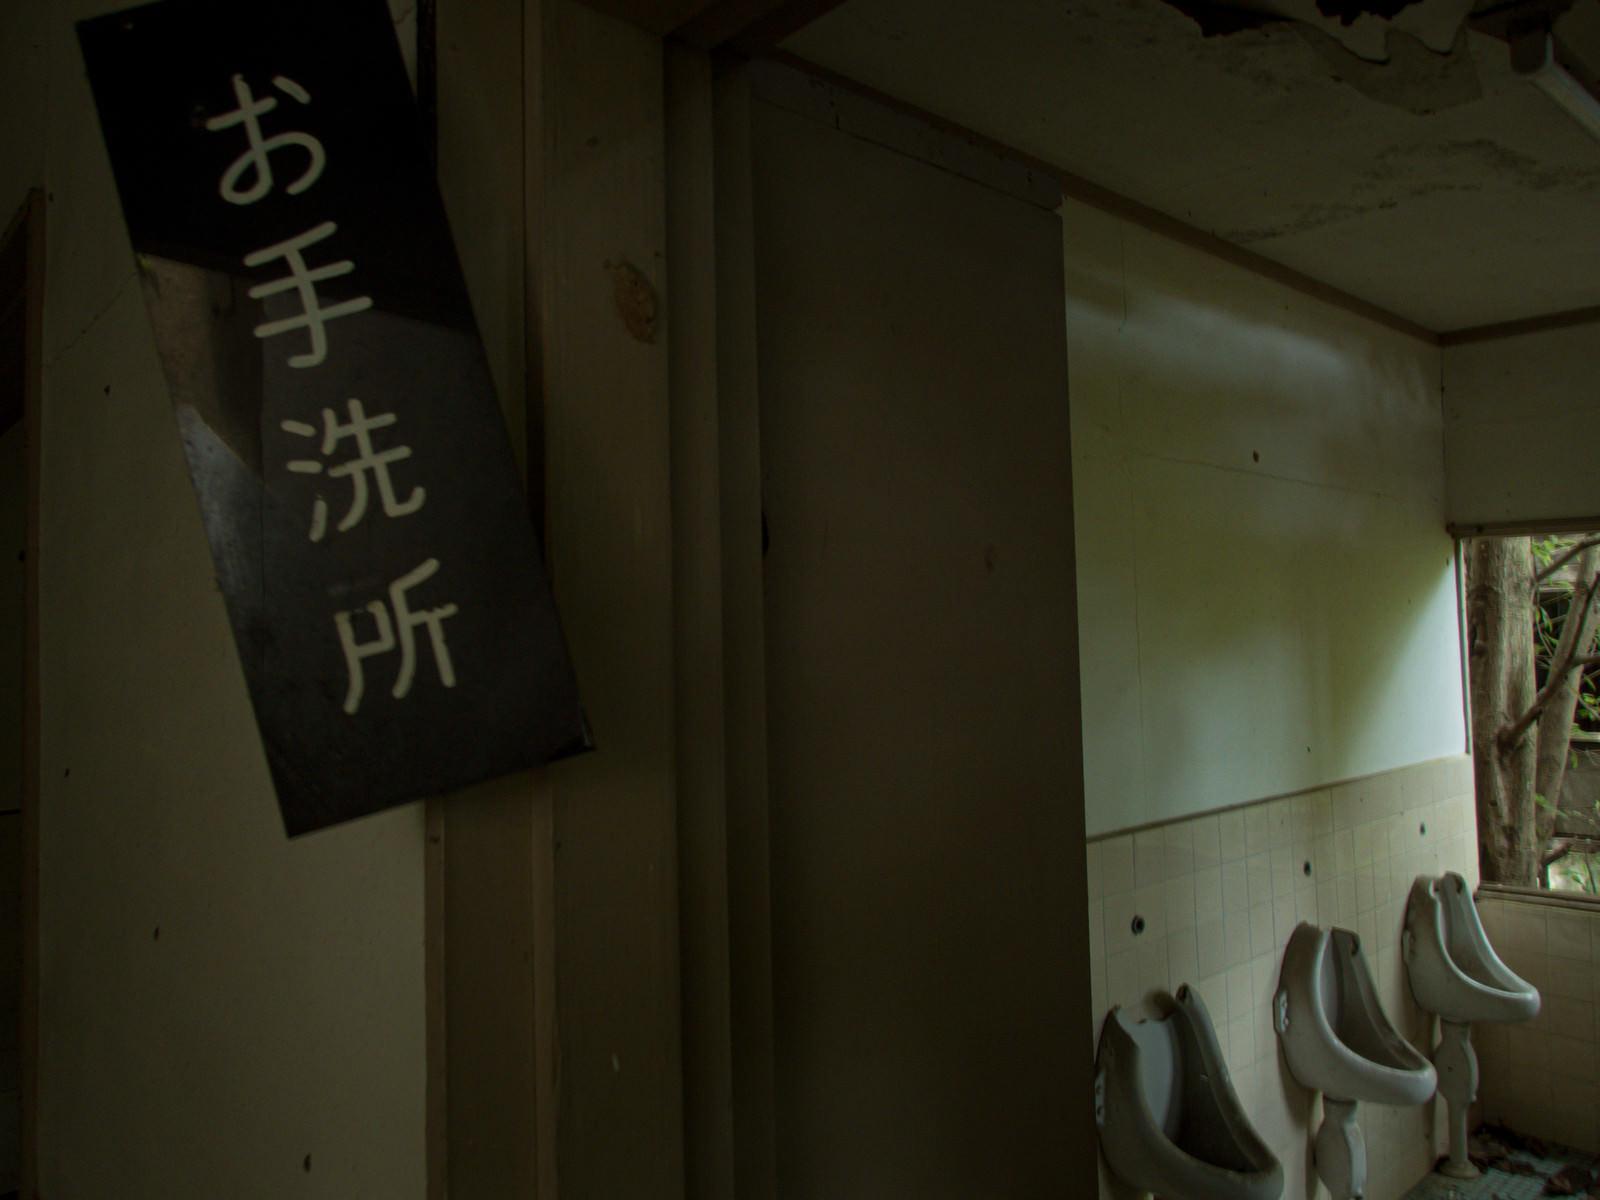 「お手洗い所と書かれたトイレの入り口」の写真